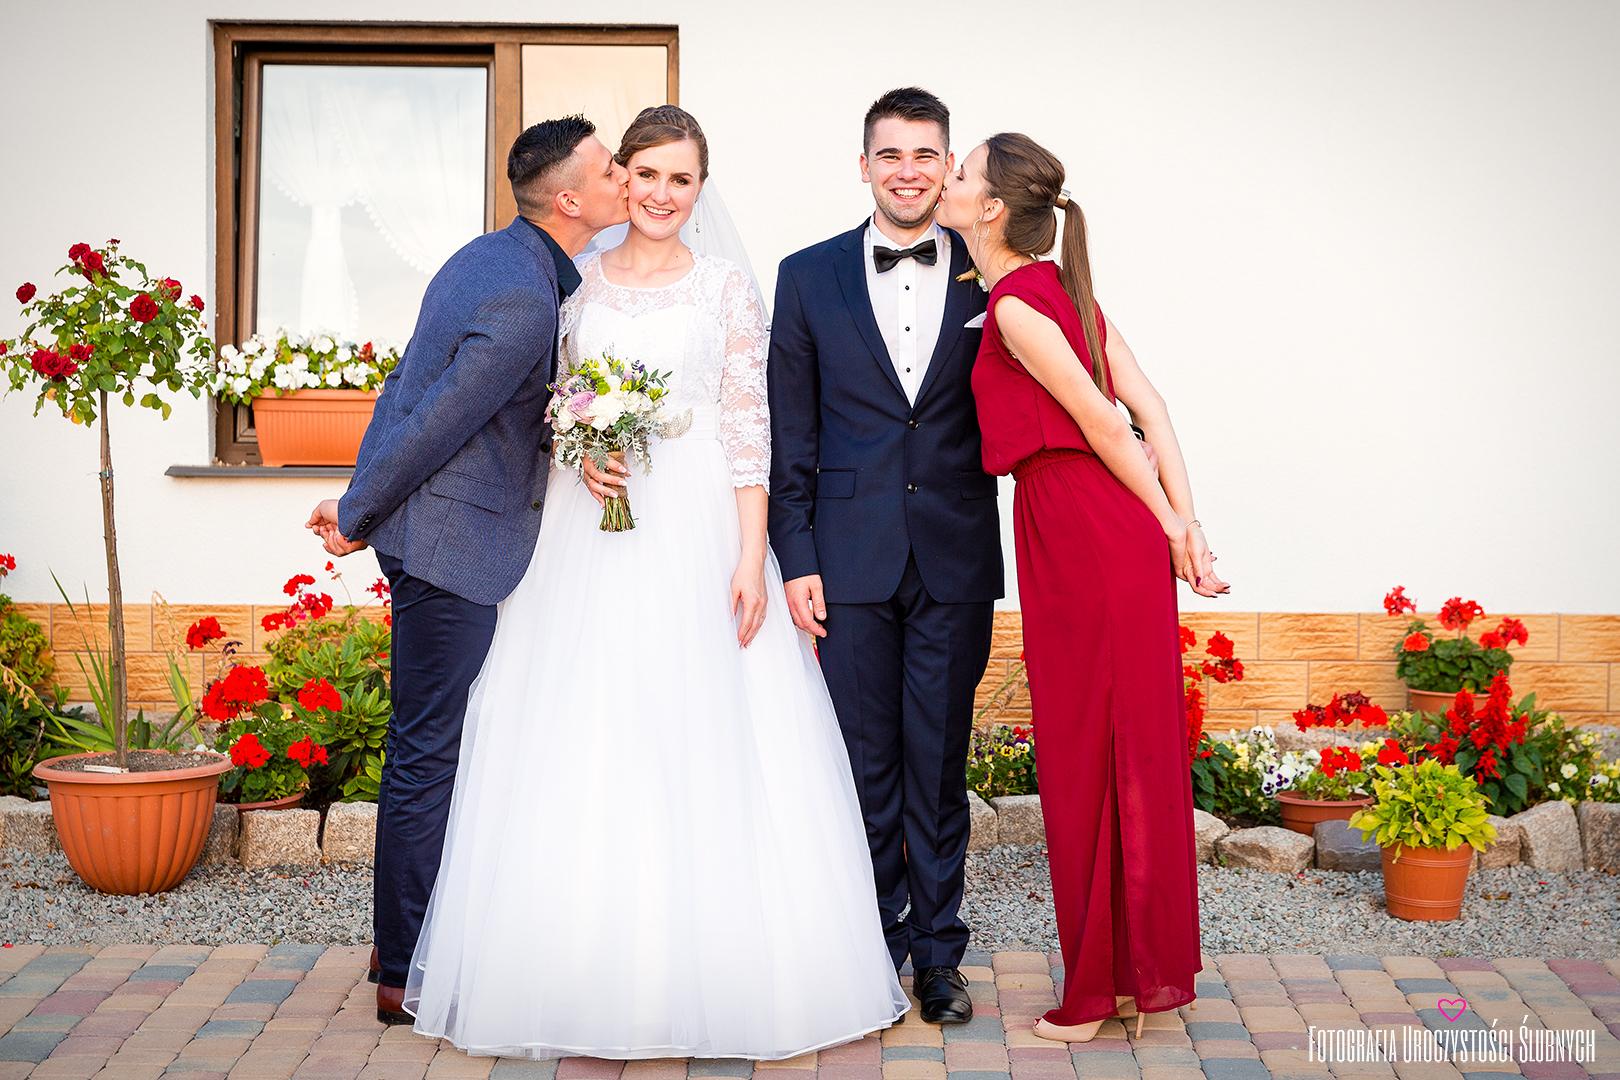 Reportaż ze ślubu Aldony i Dymitra w Lubawce. Fotografia ślubna Jelenia Góra - artystyczne zdjęcia ślubne - zapraszam!